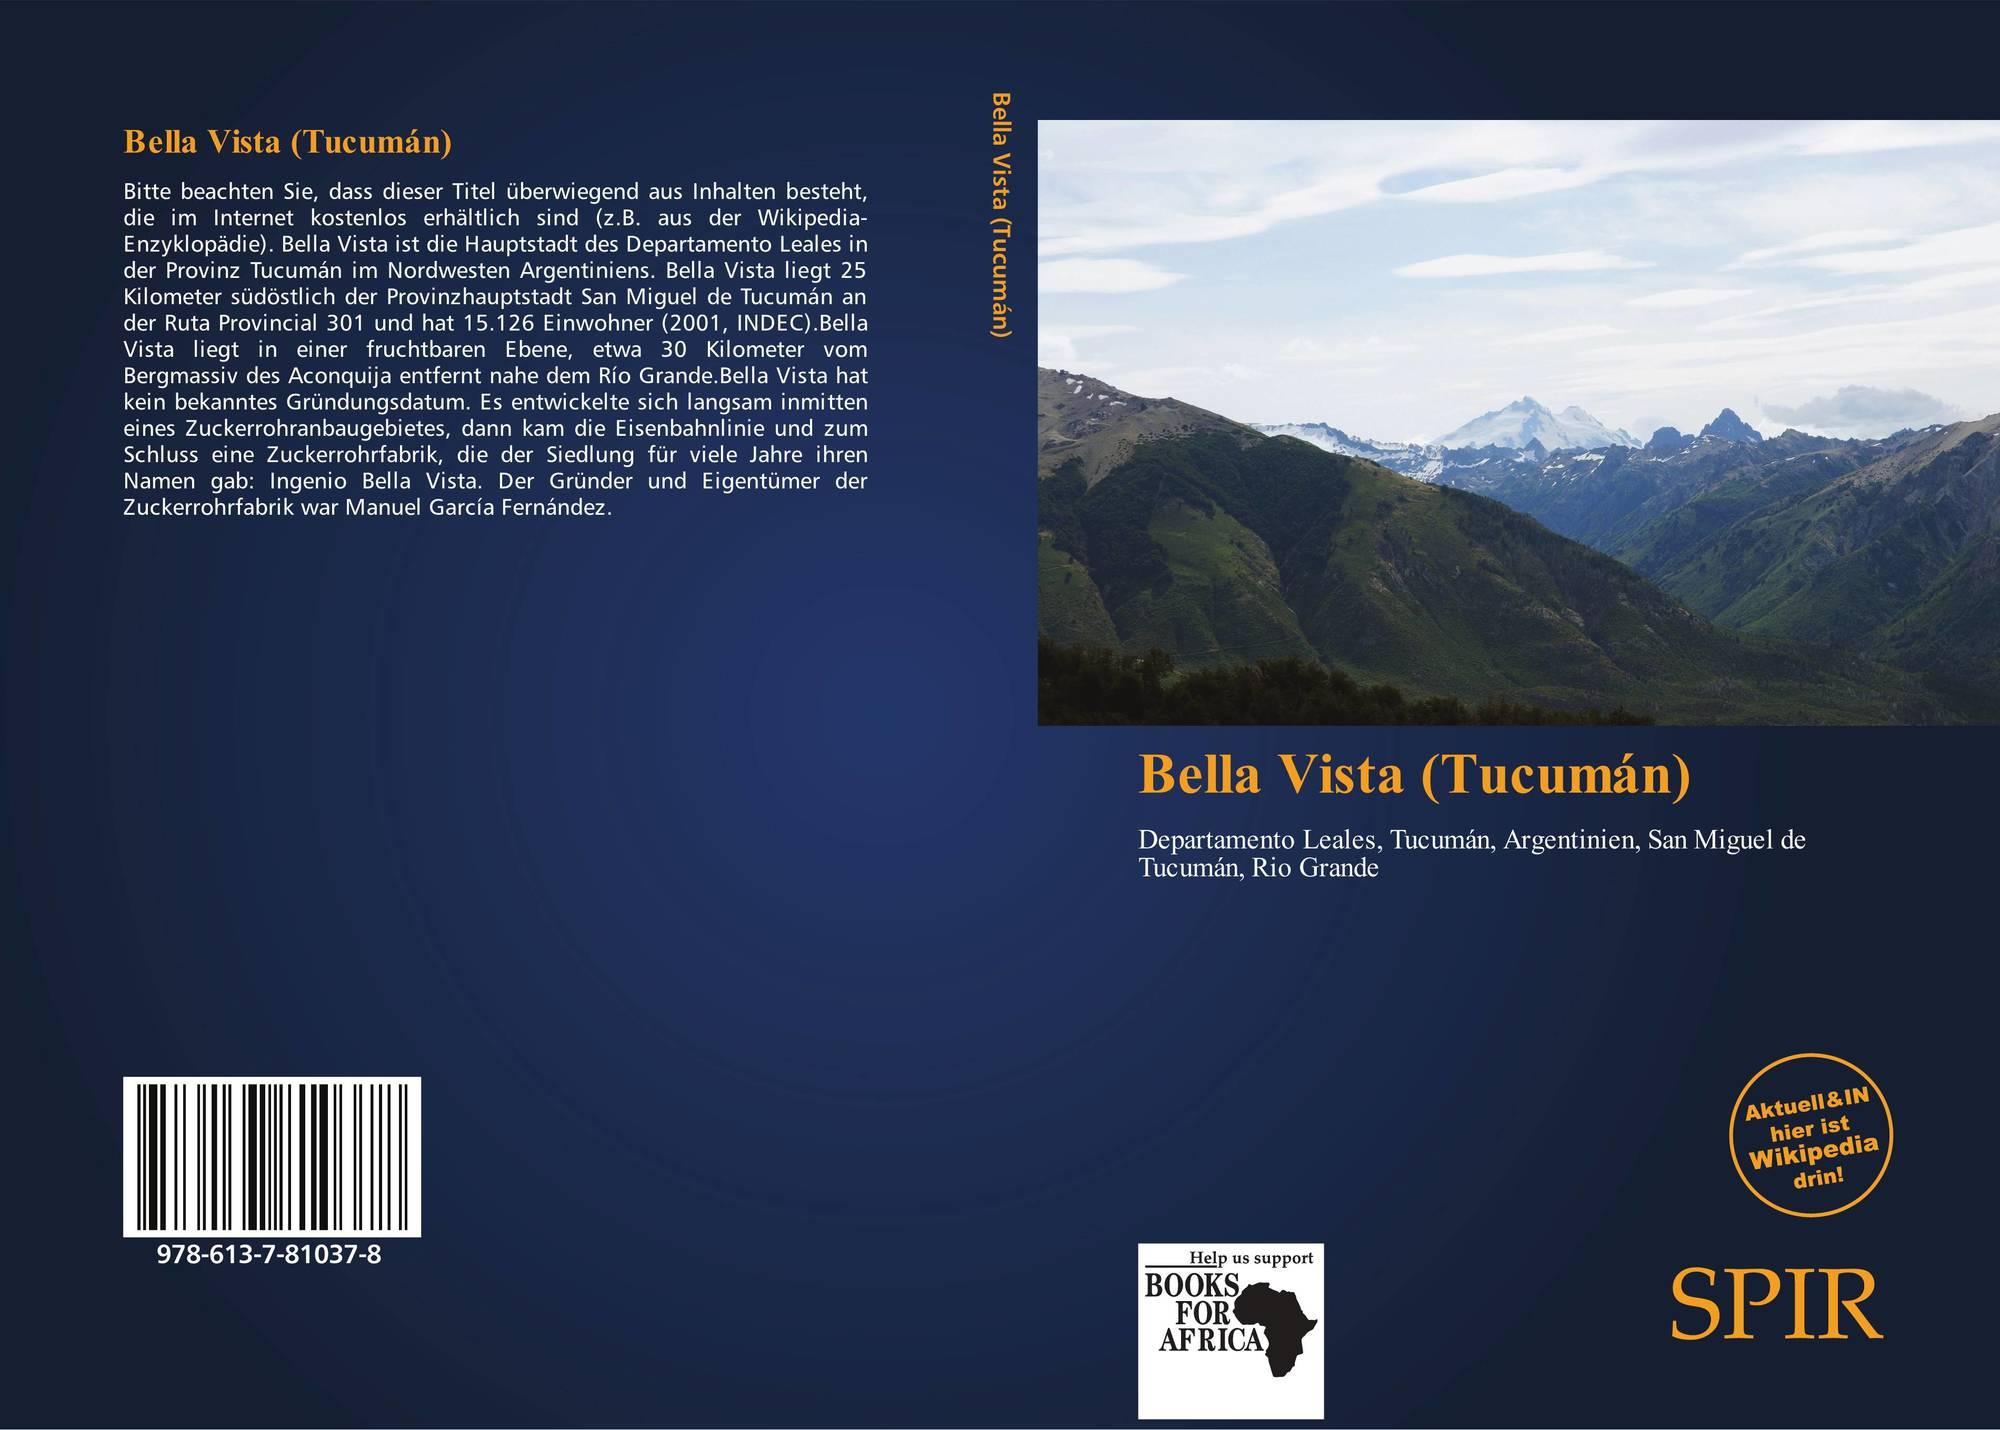 Bella Vista Tucum N 978 613 7 81037 8 6137810372